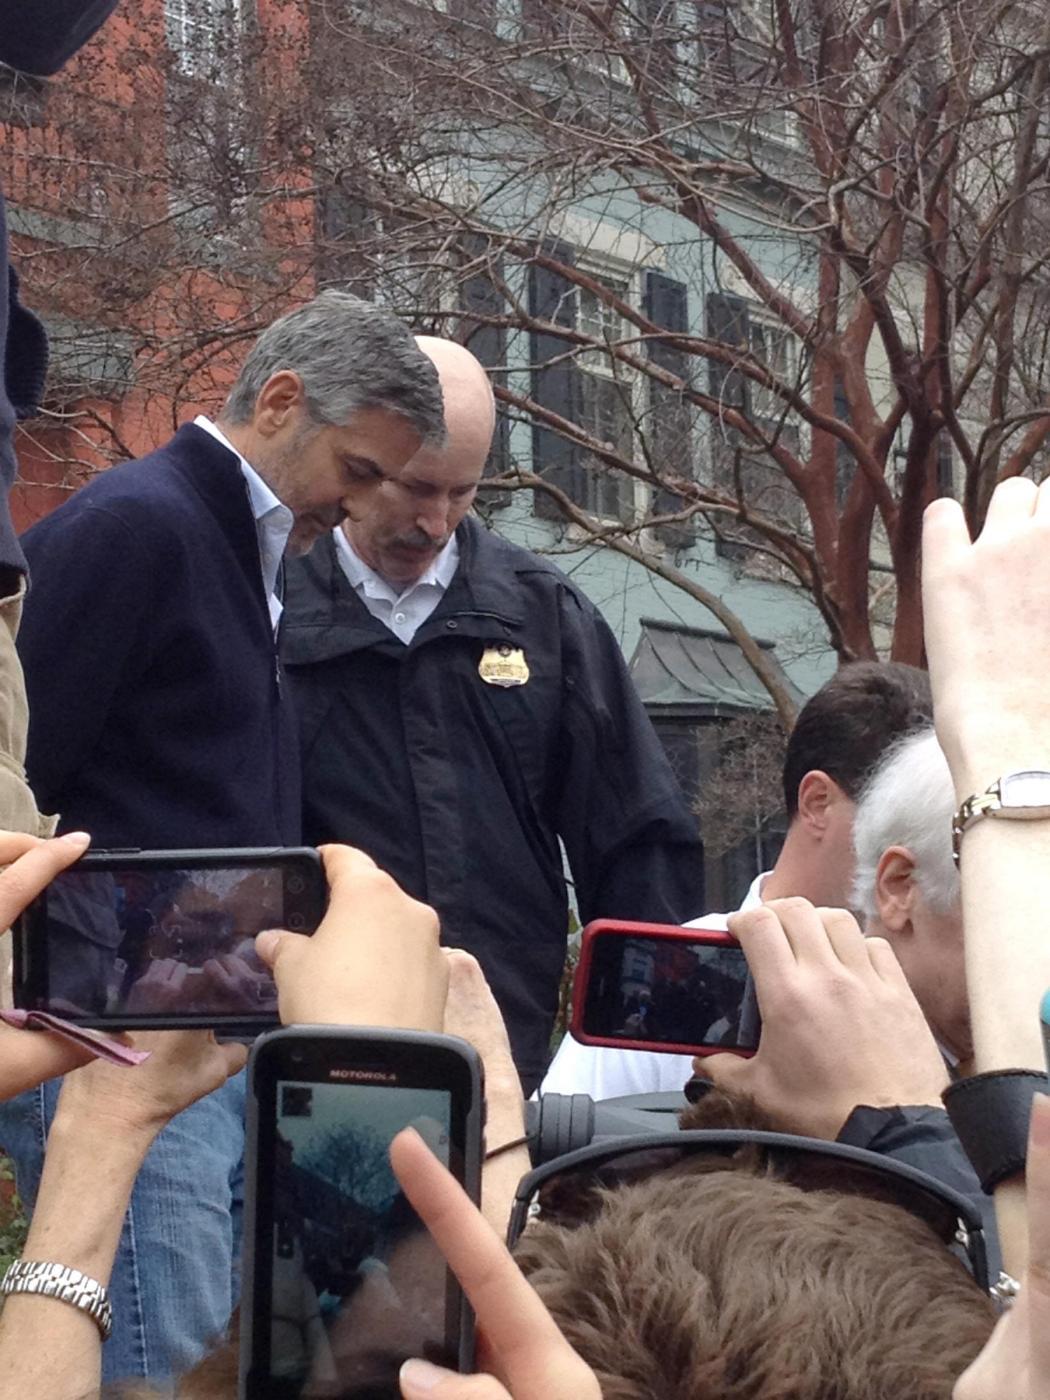 L'arresto di George Clooney 08